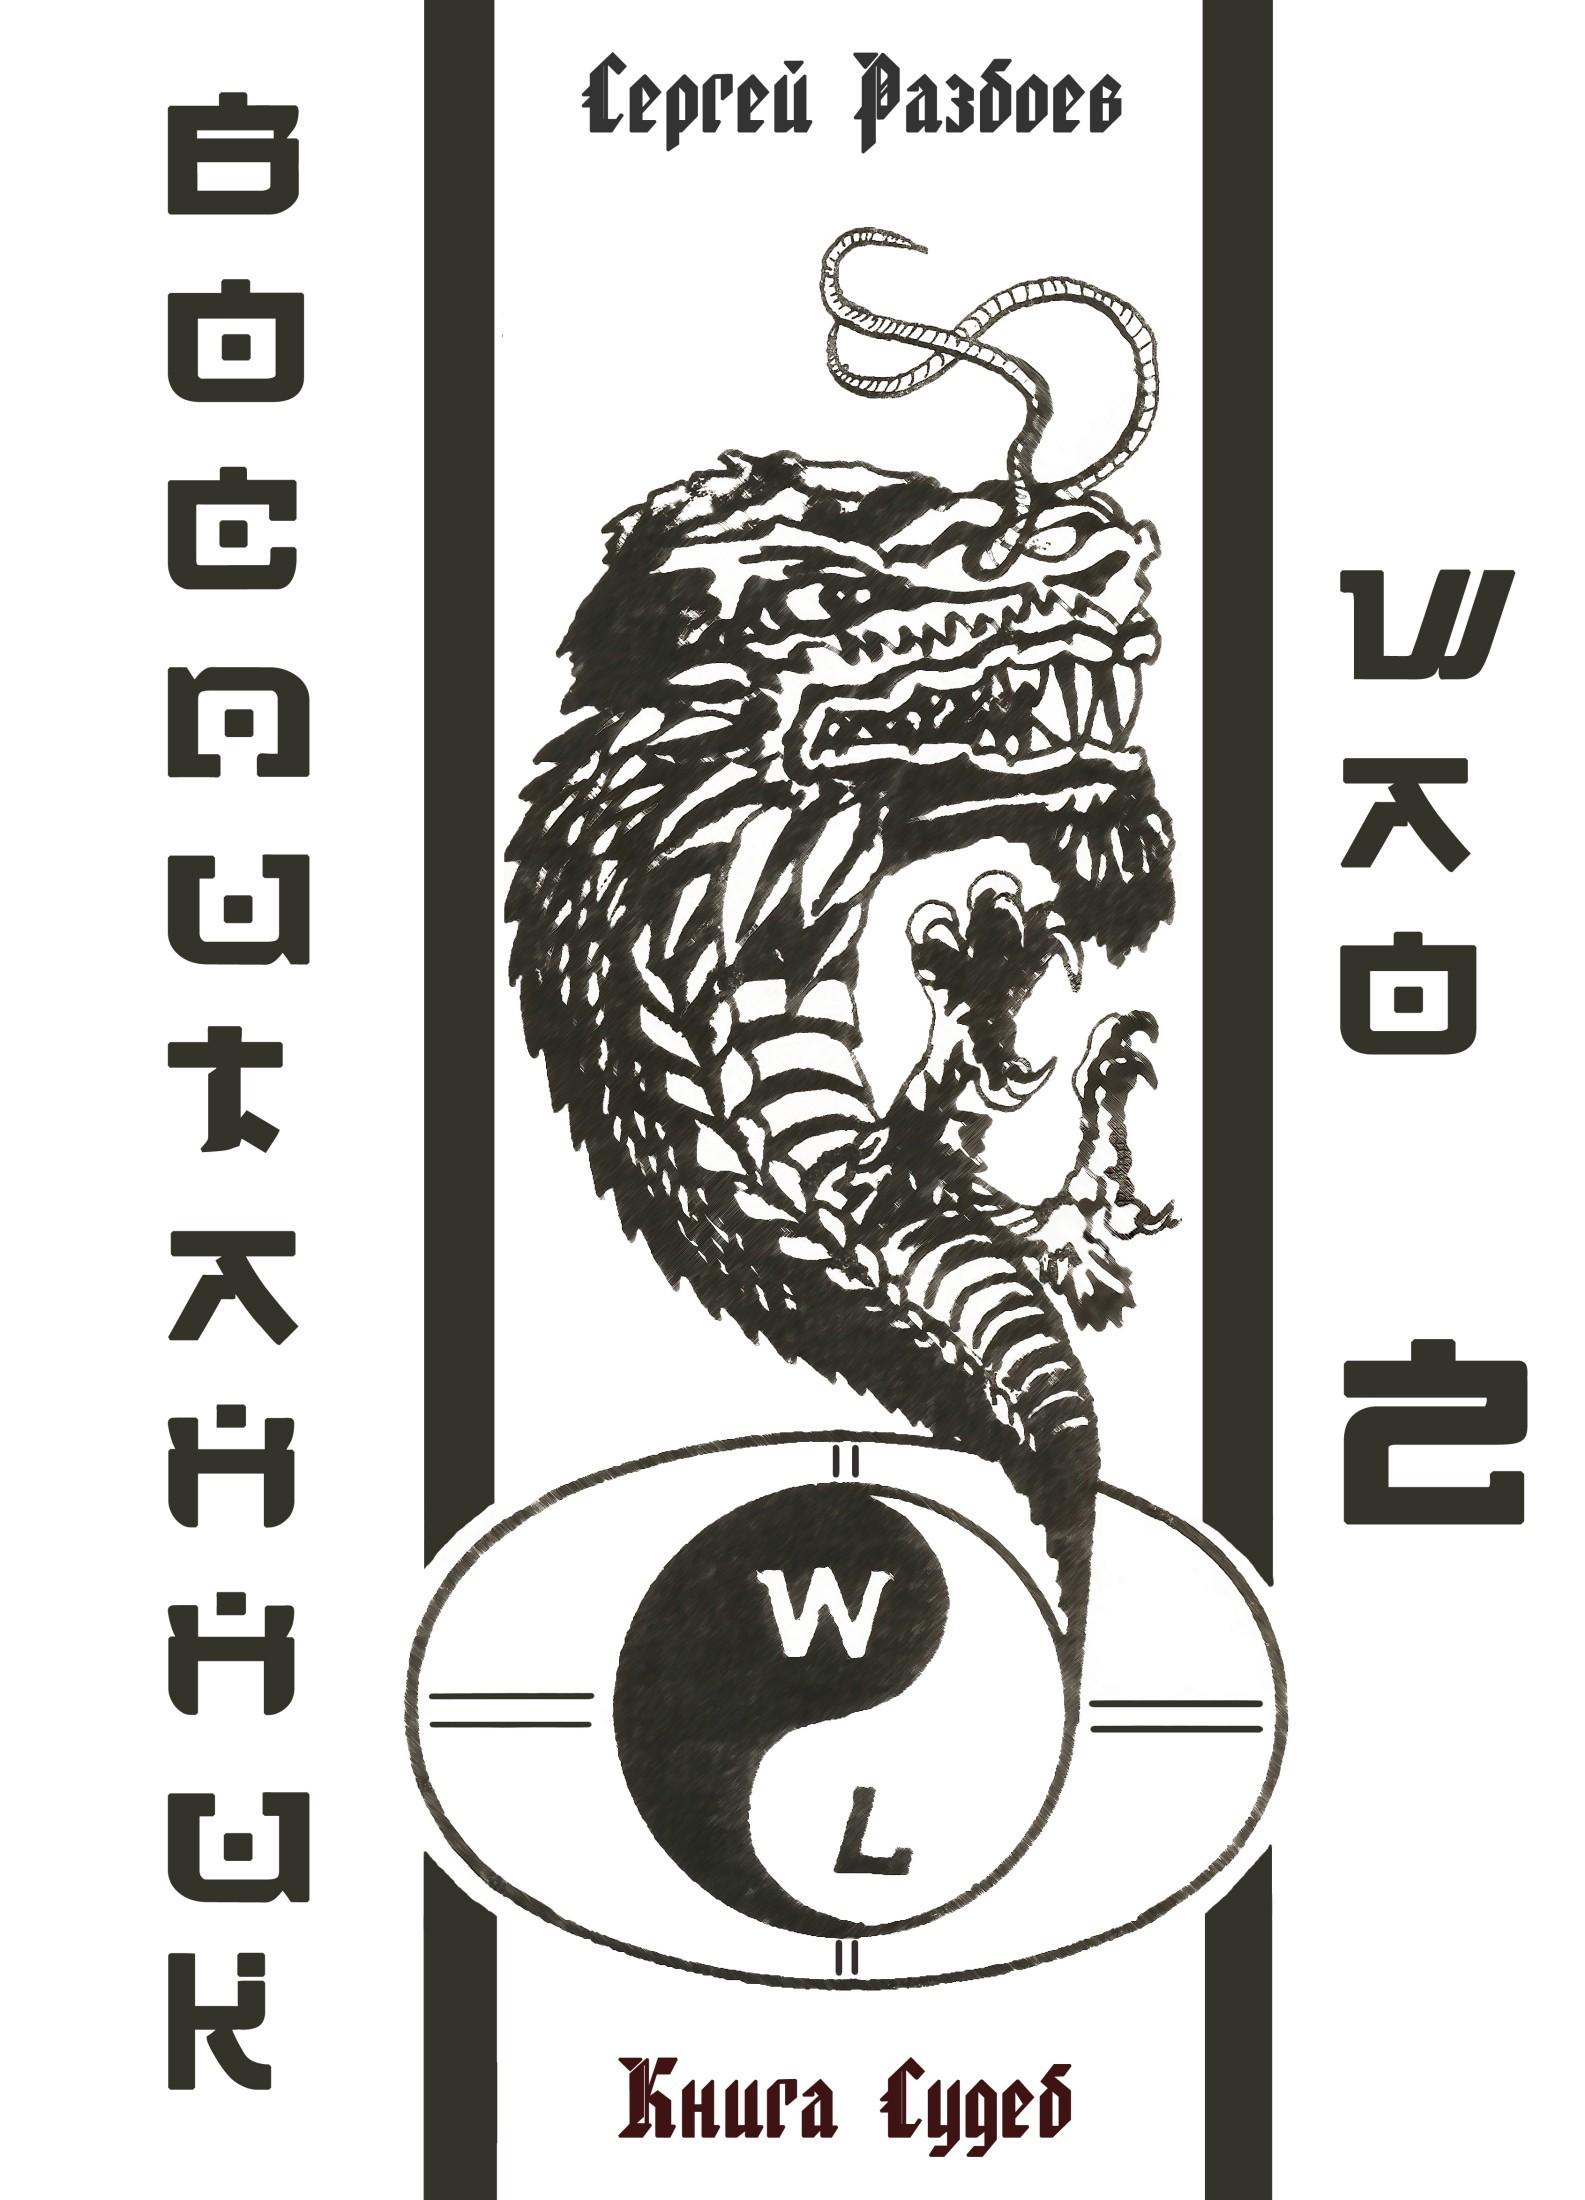 Сергей Разбоев - Воспитанник Шао. Том 2. Книга судеб